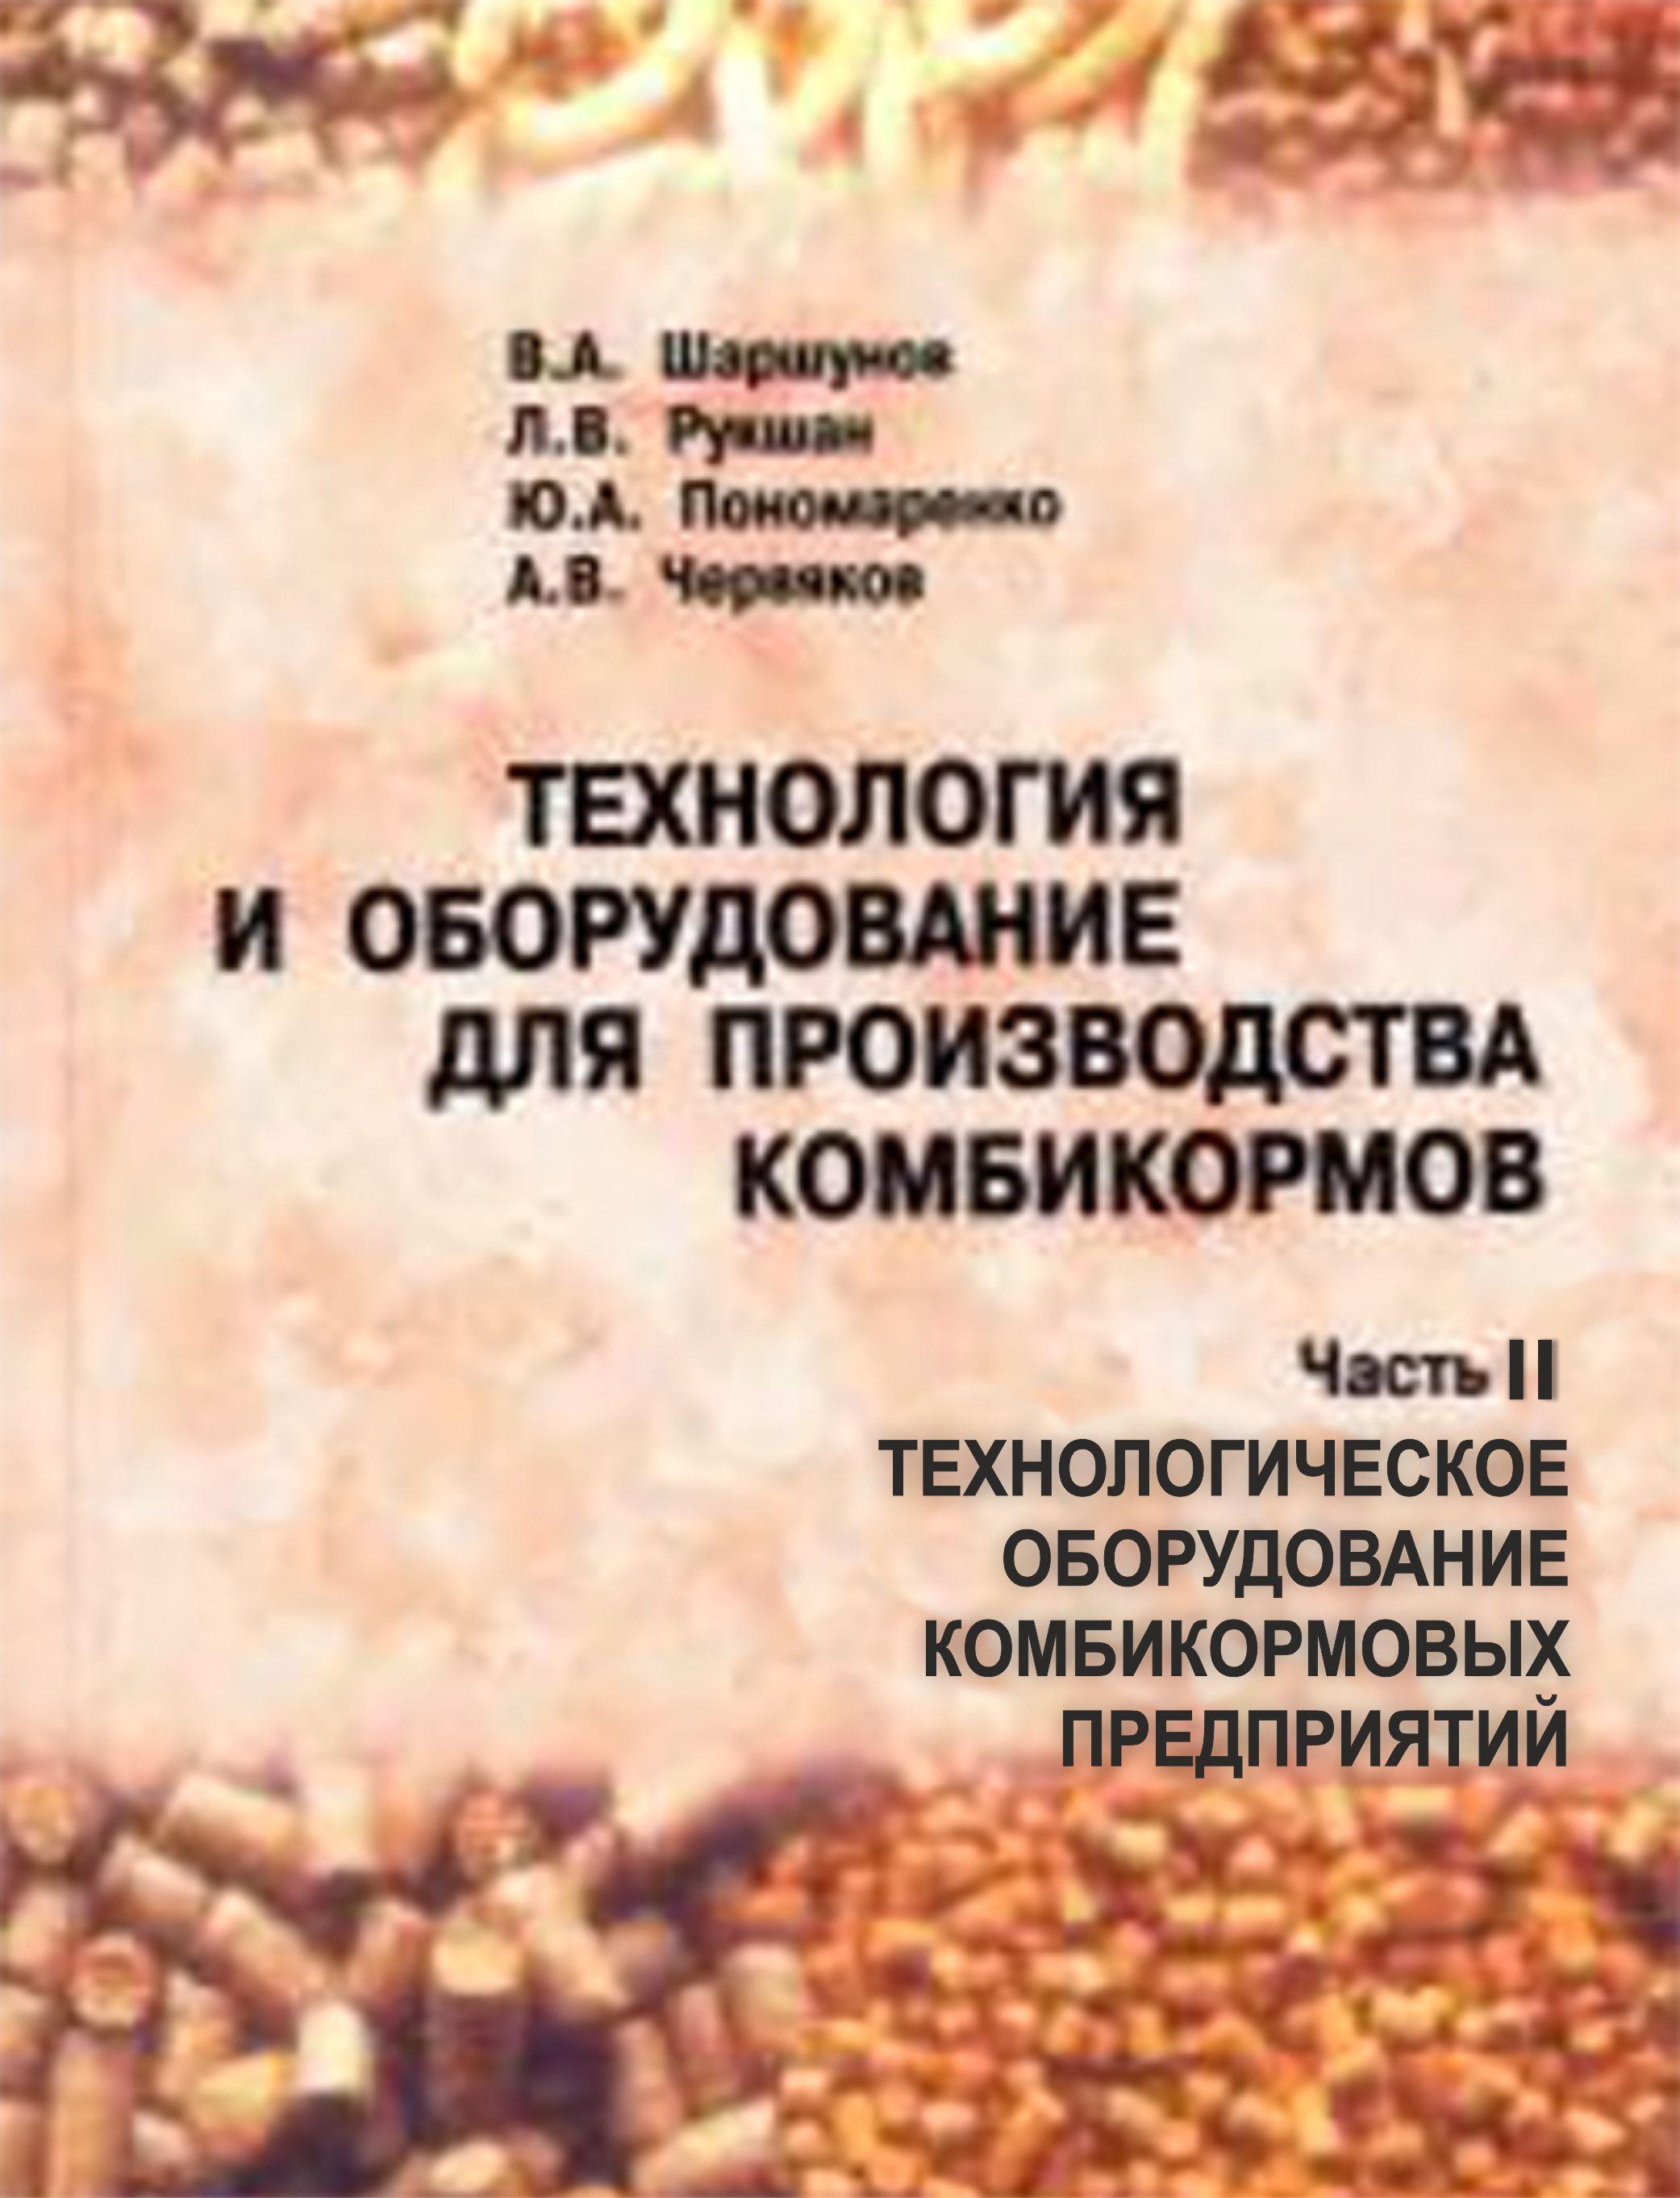 Технология и оборудование для производства комбикормов, Часть 2 - фото